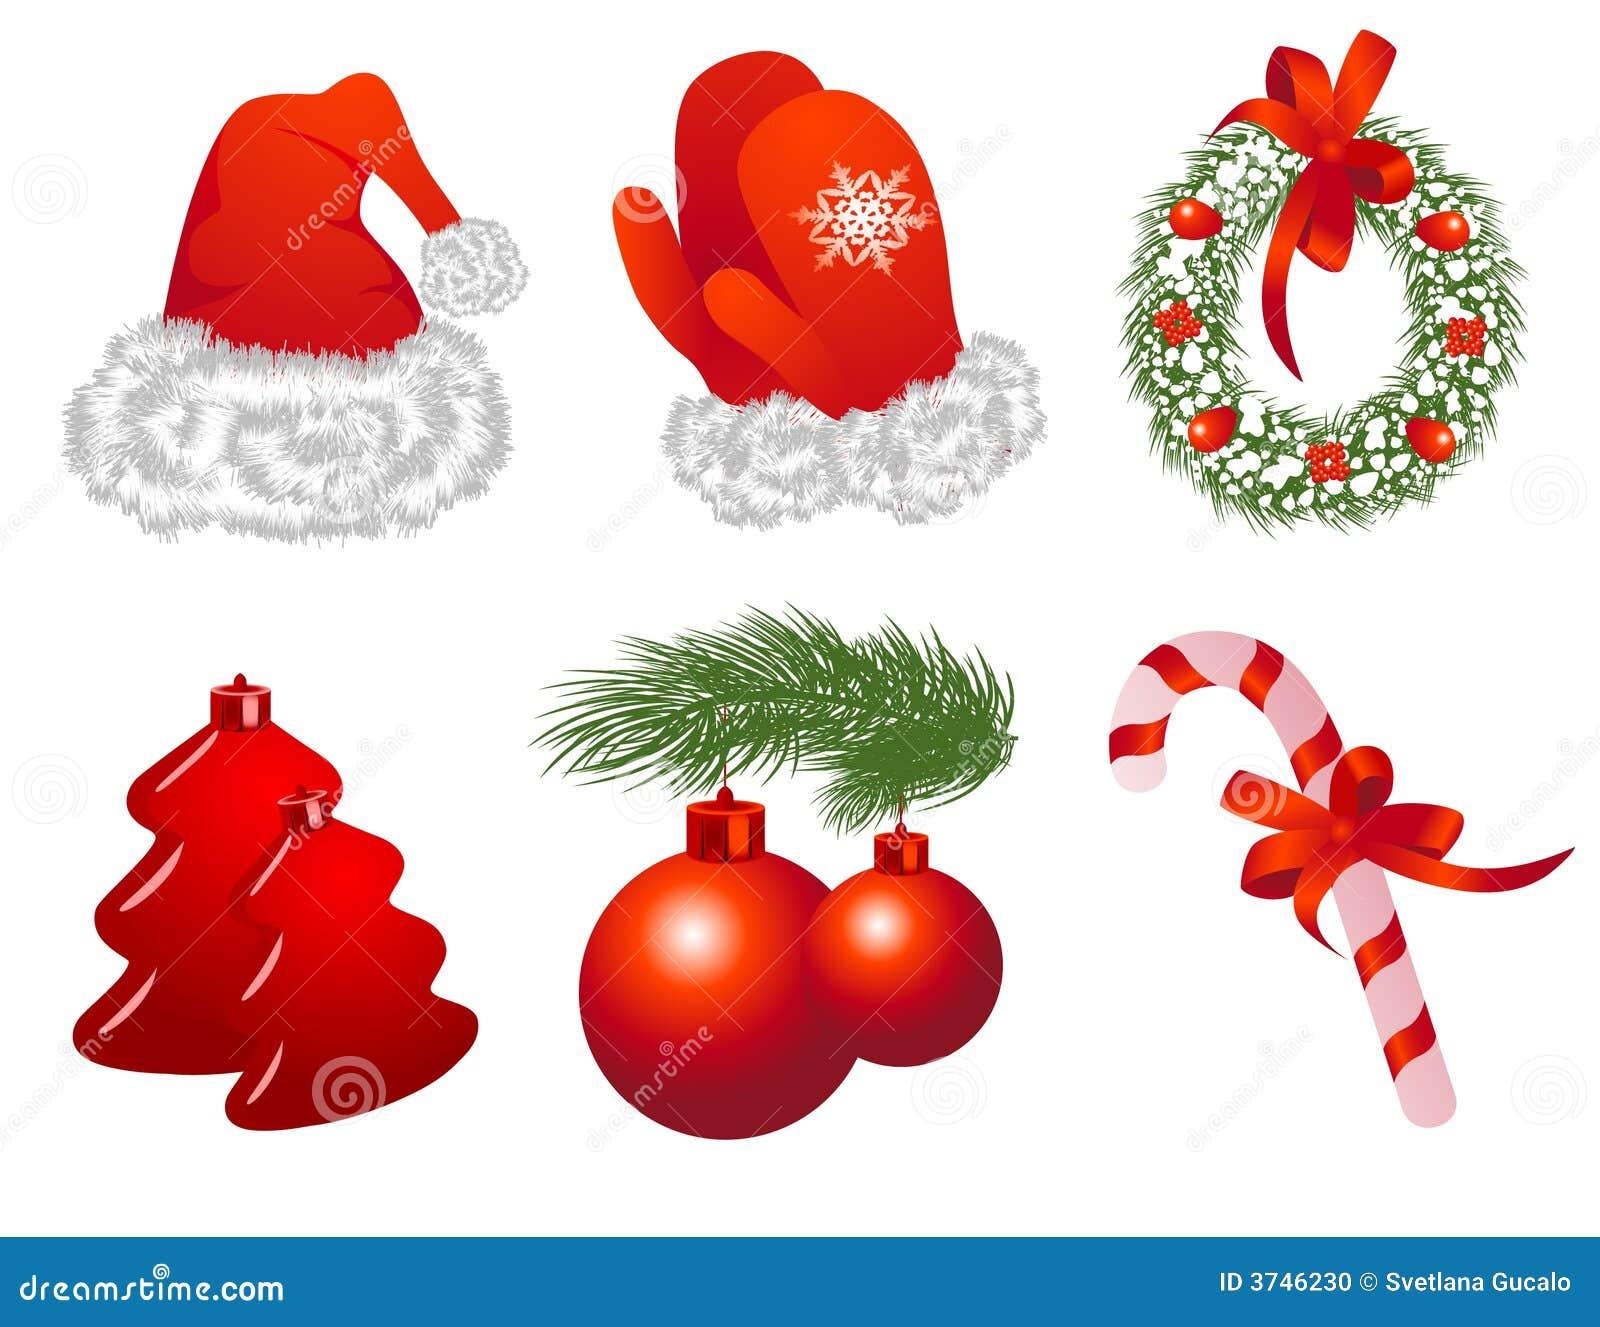 objetos de la navidad ilustraci n del vector imagen de